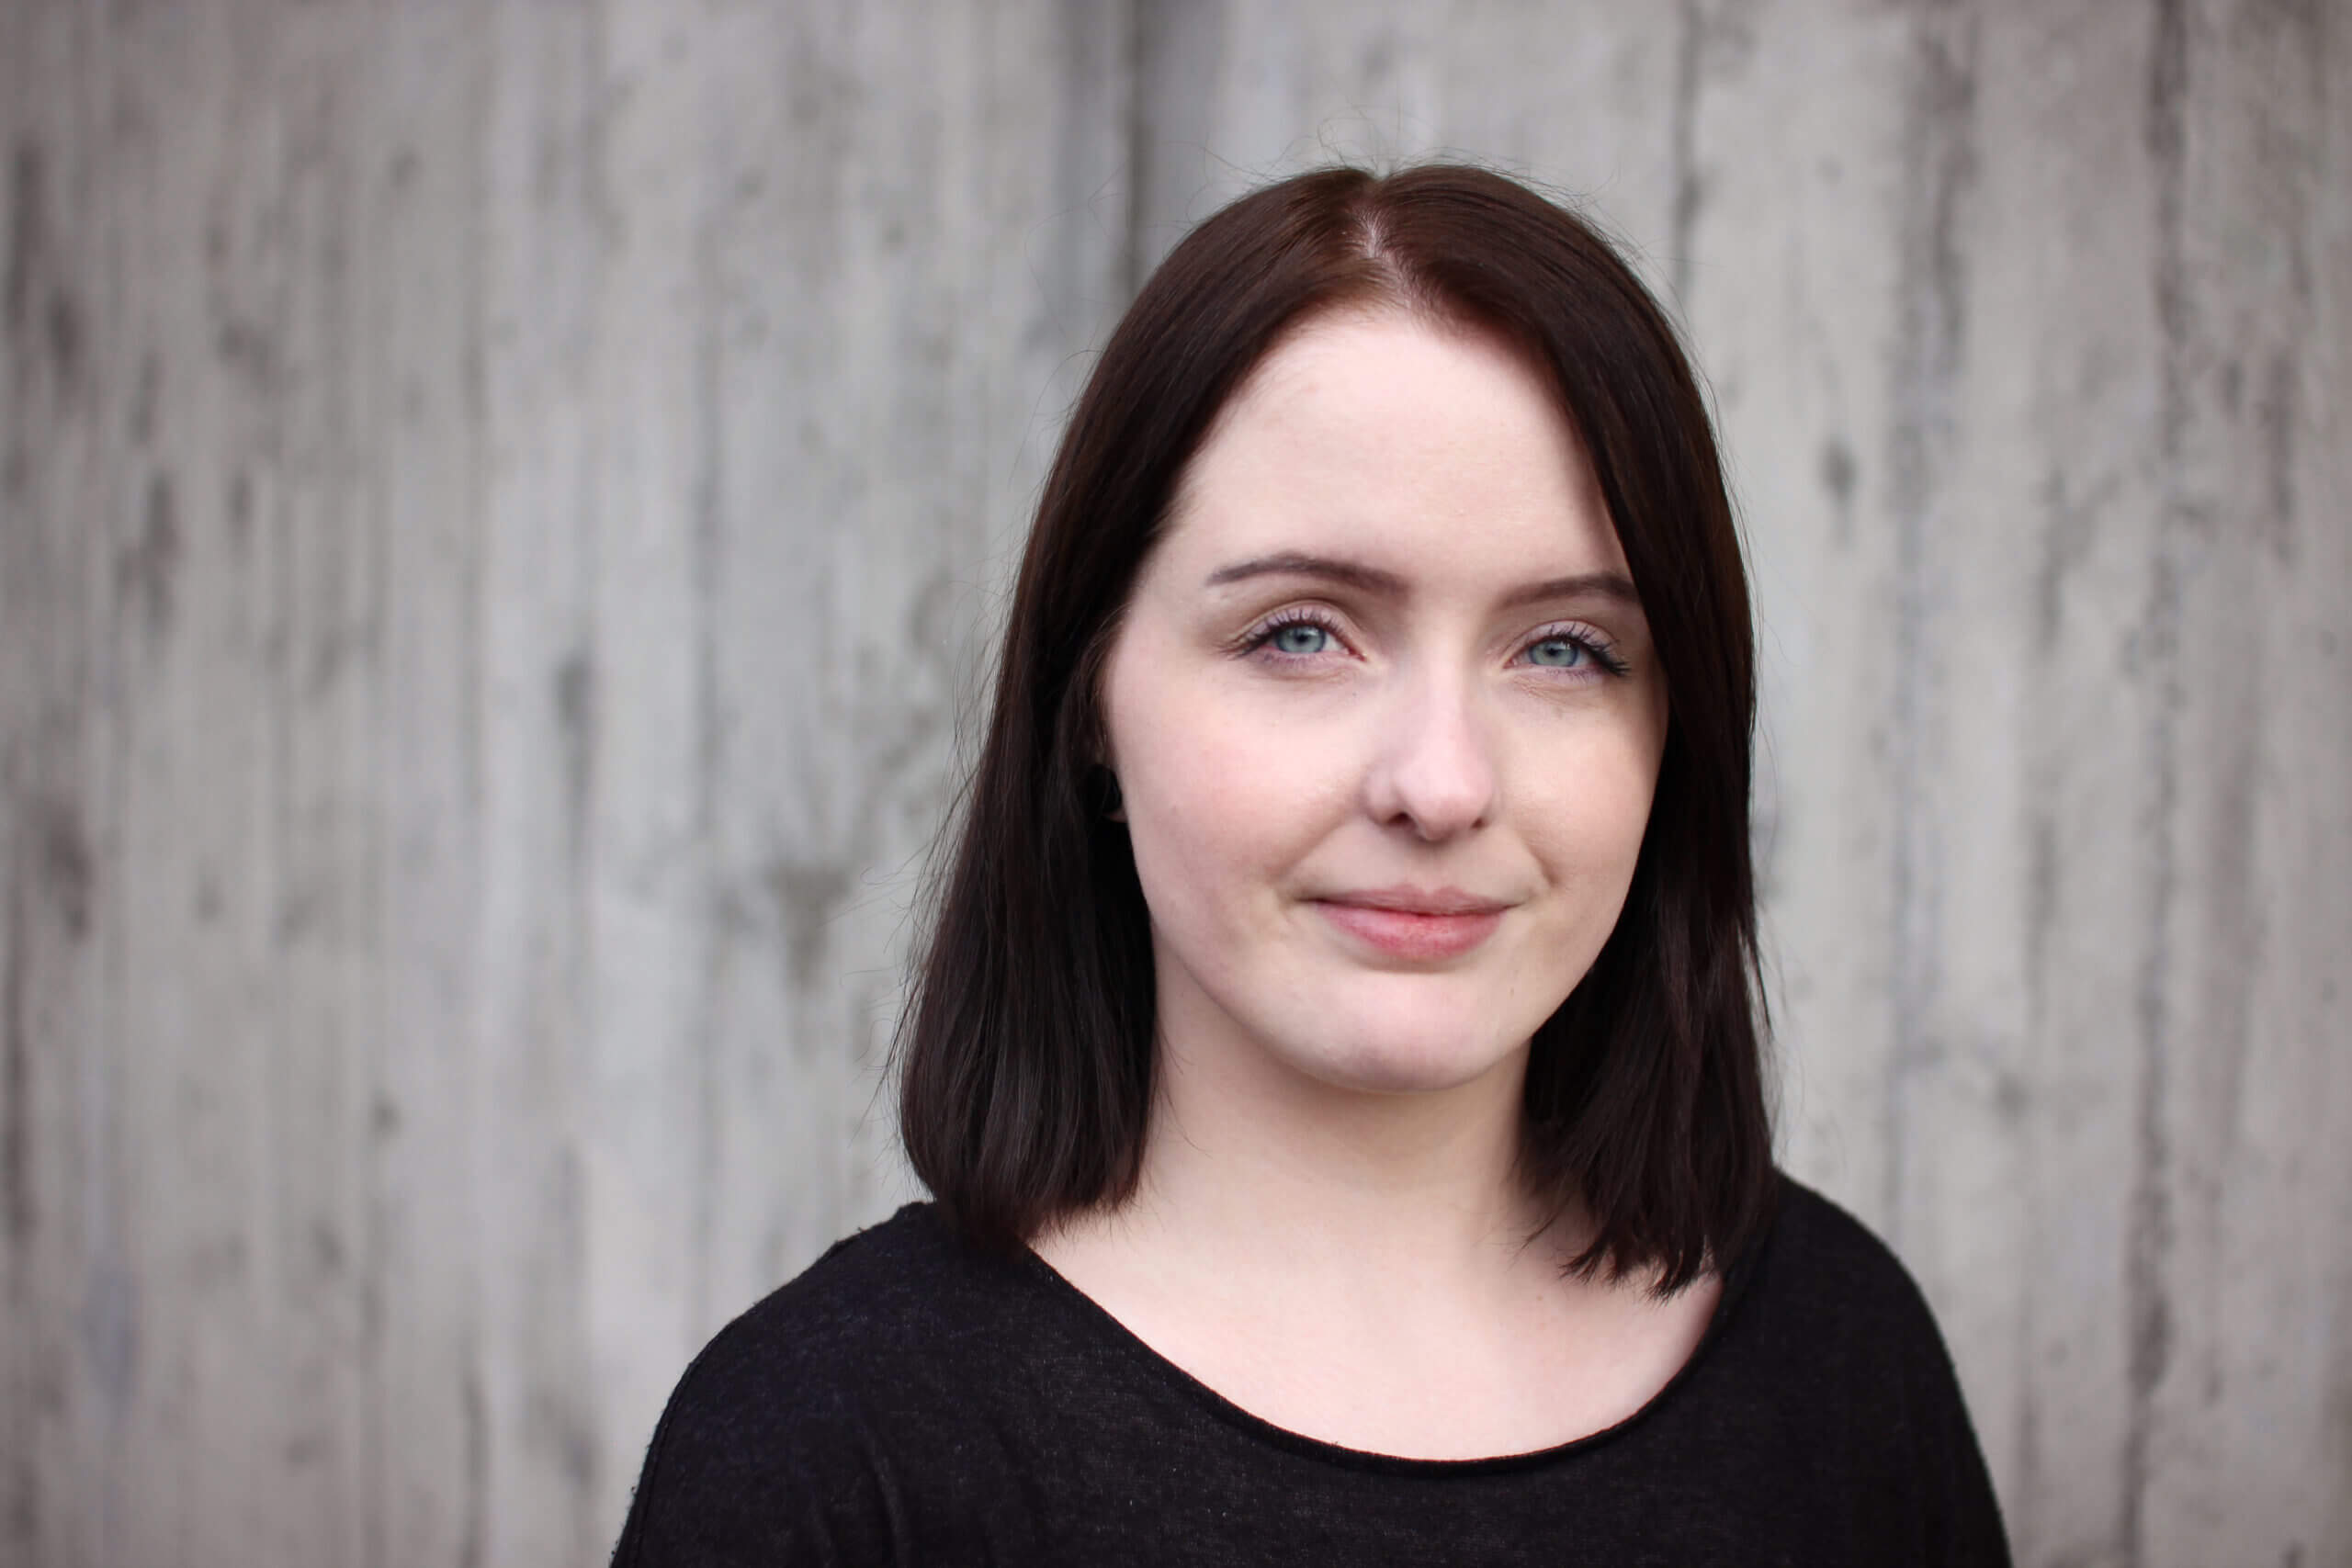 Þórdís Björk